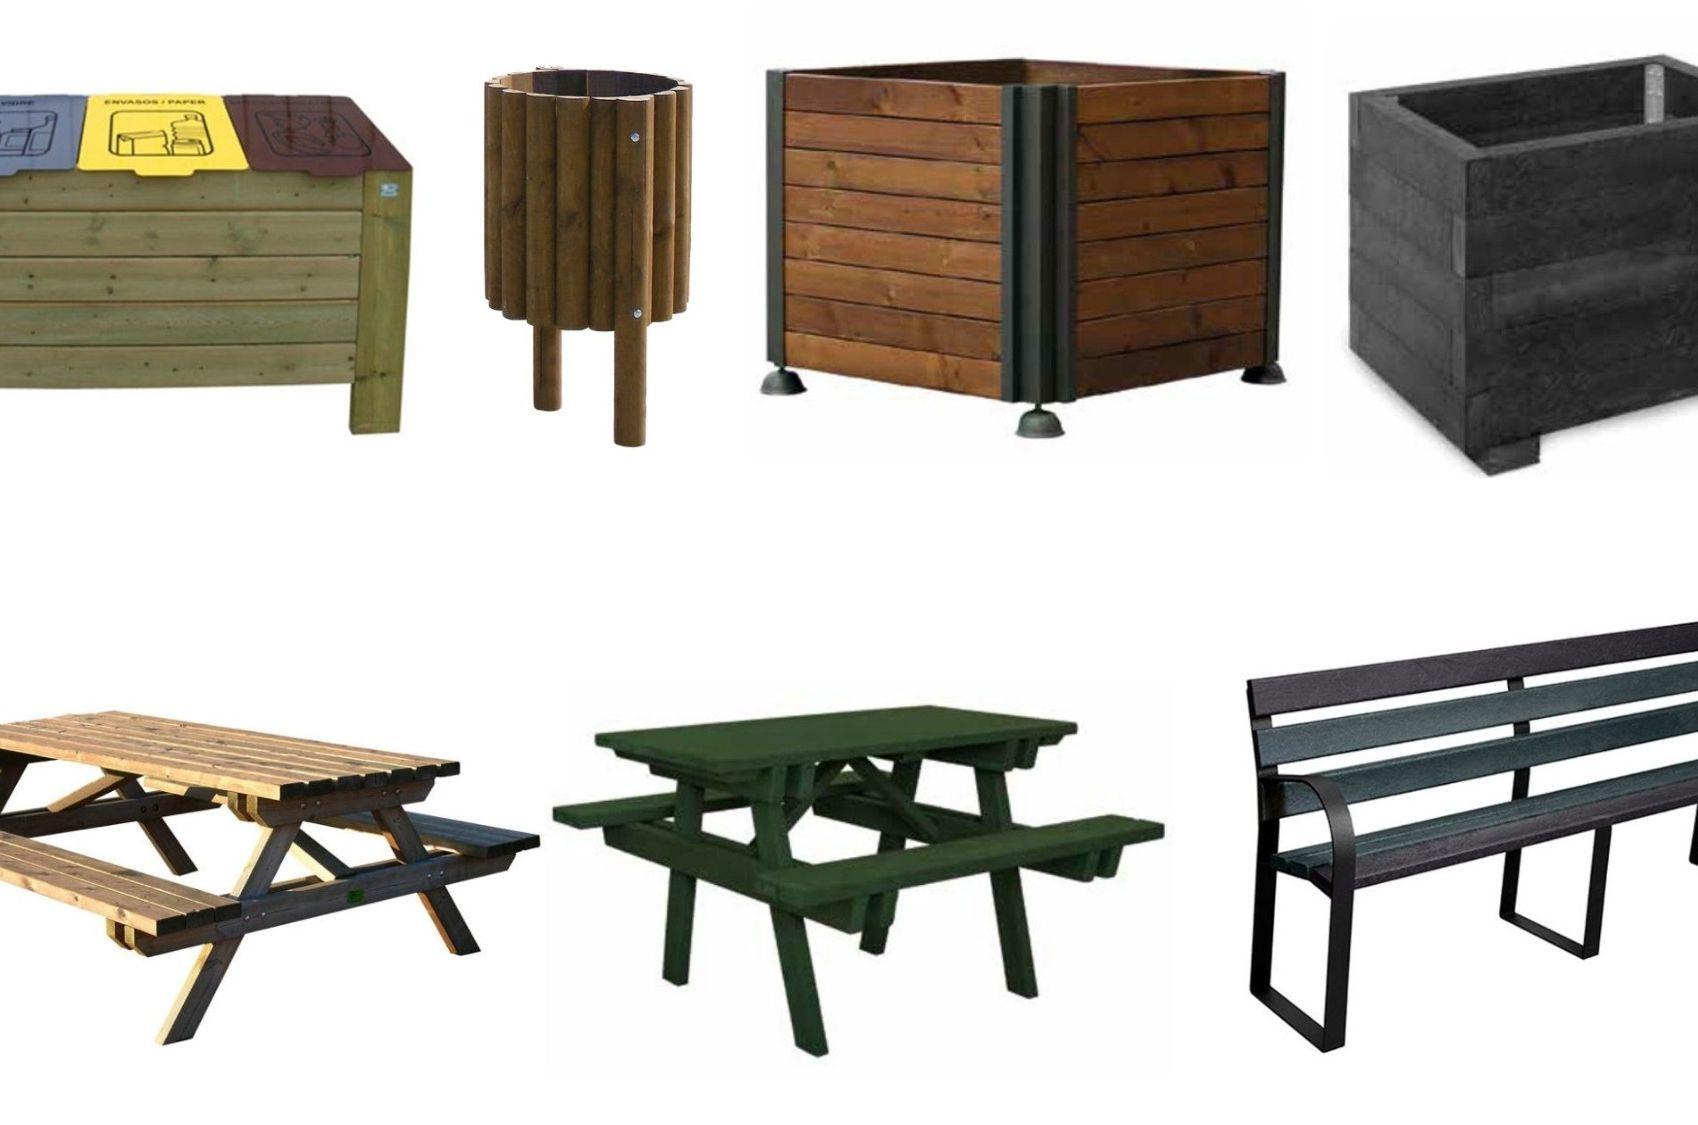 ¿Cómo acertar con el mobiliario urbano exterior?